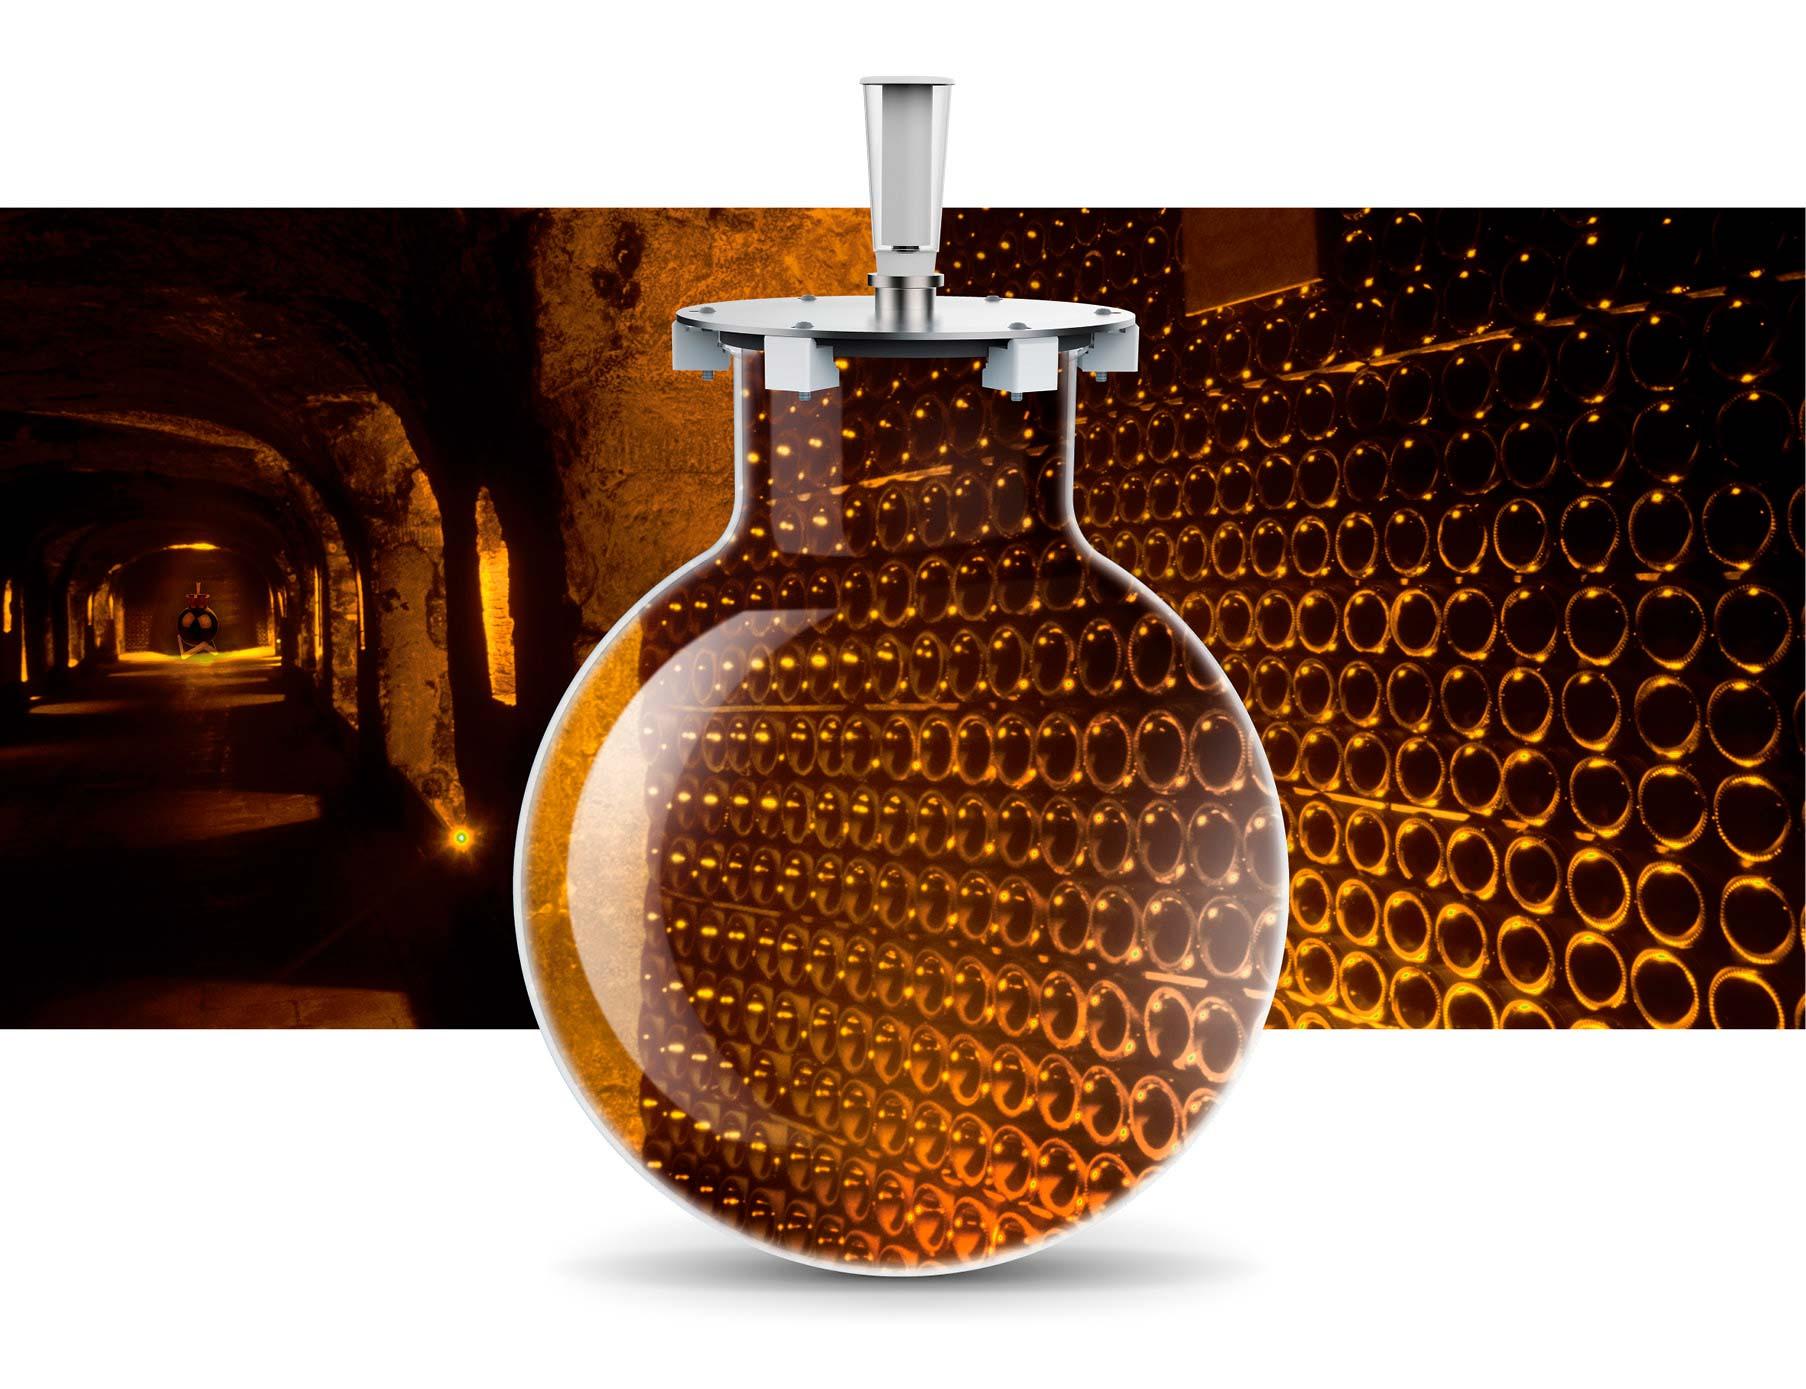 Wineglobe, le vieillissement du vin dans notre cuve en verre